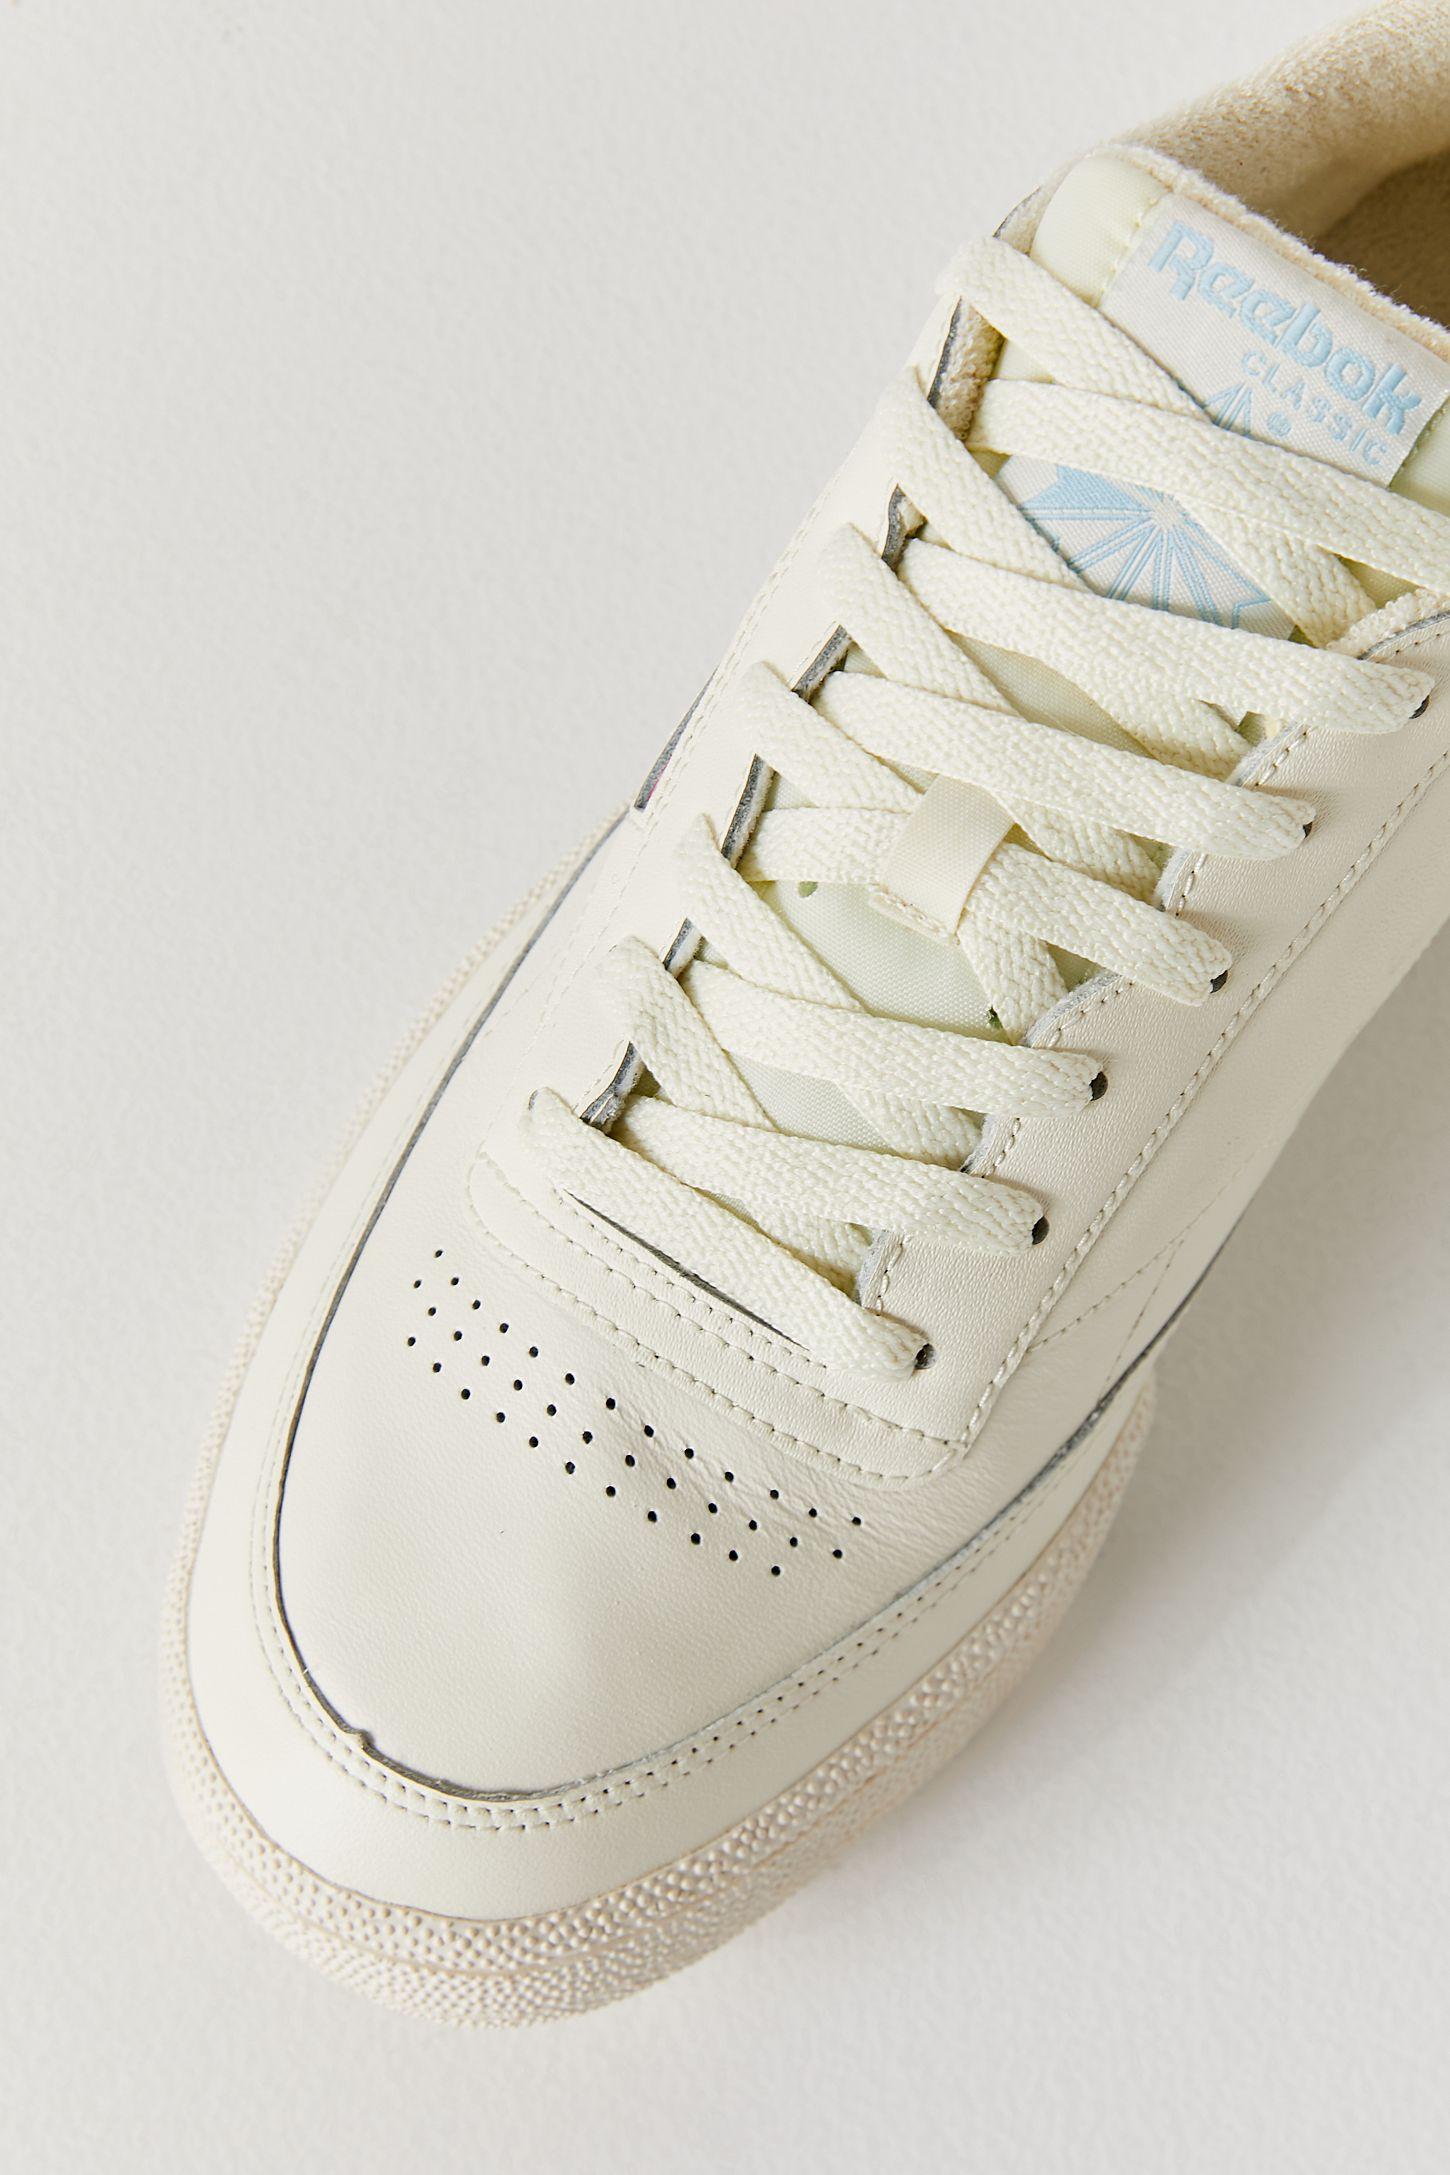 d030b52fa4f9 Slide View  5  Reebok UO Exclusive Club C 85 Vintage Sneaker